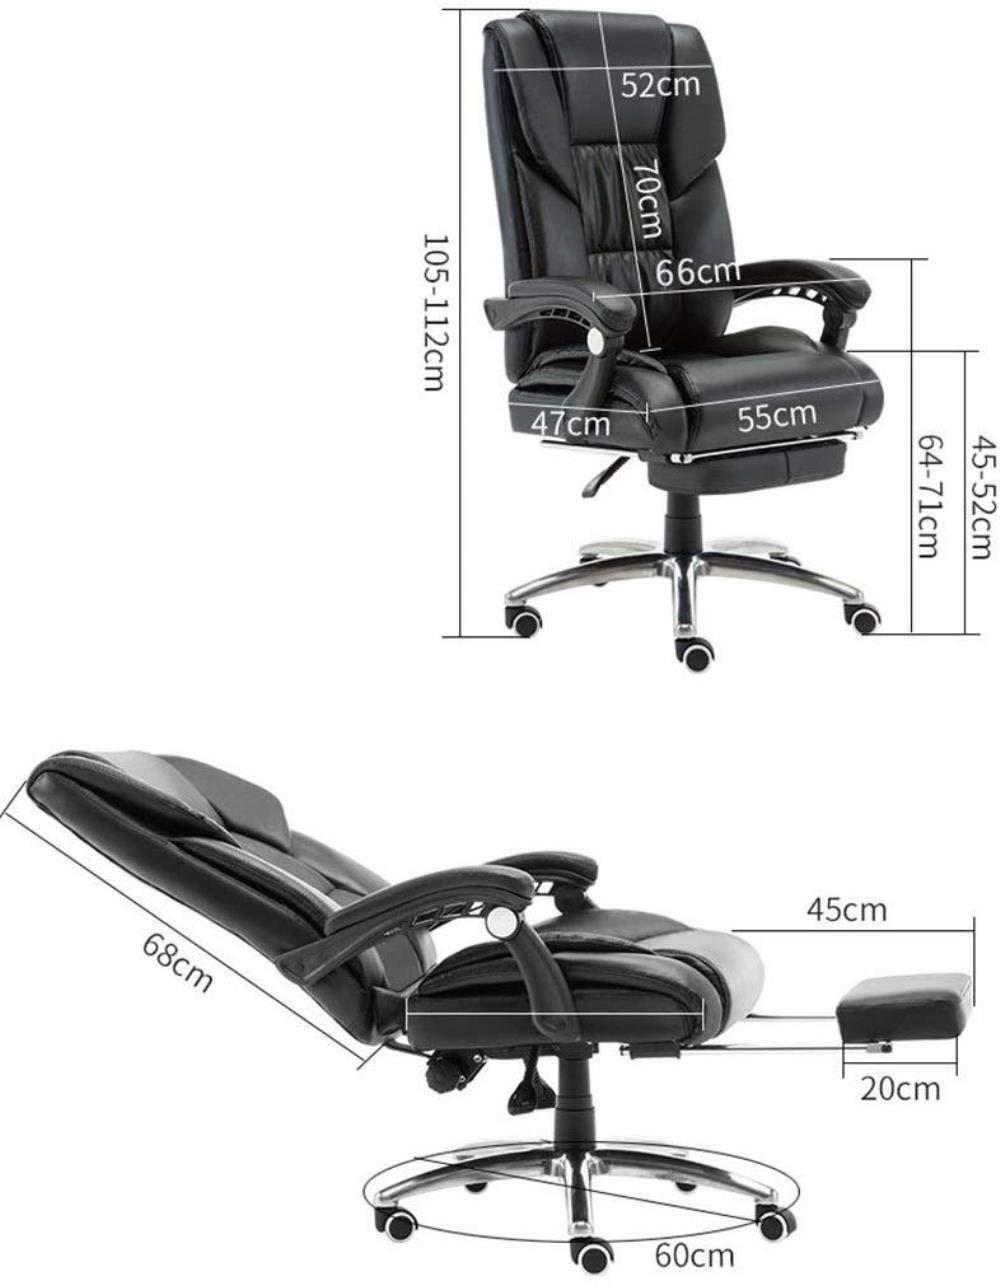 THBEIBEI Executive Recline högt ryggstöd tupplur stol datorstol stor och tjock ergonomisk kontorsstol 170 ° lutning och teleskopisk fotstöd skrivbordsstol (färg: svart) Svart